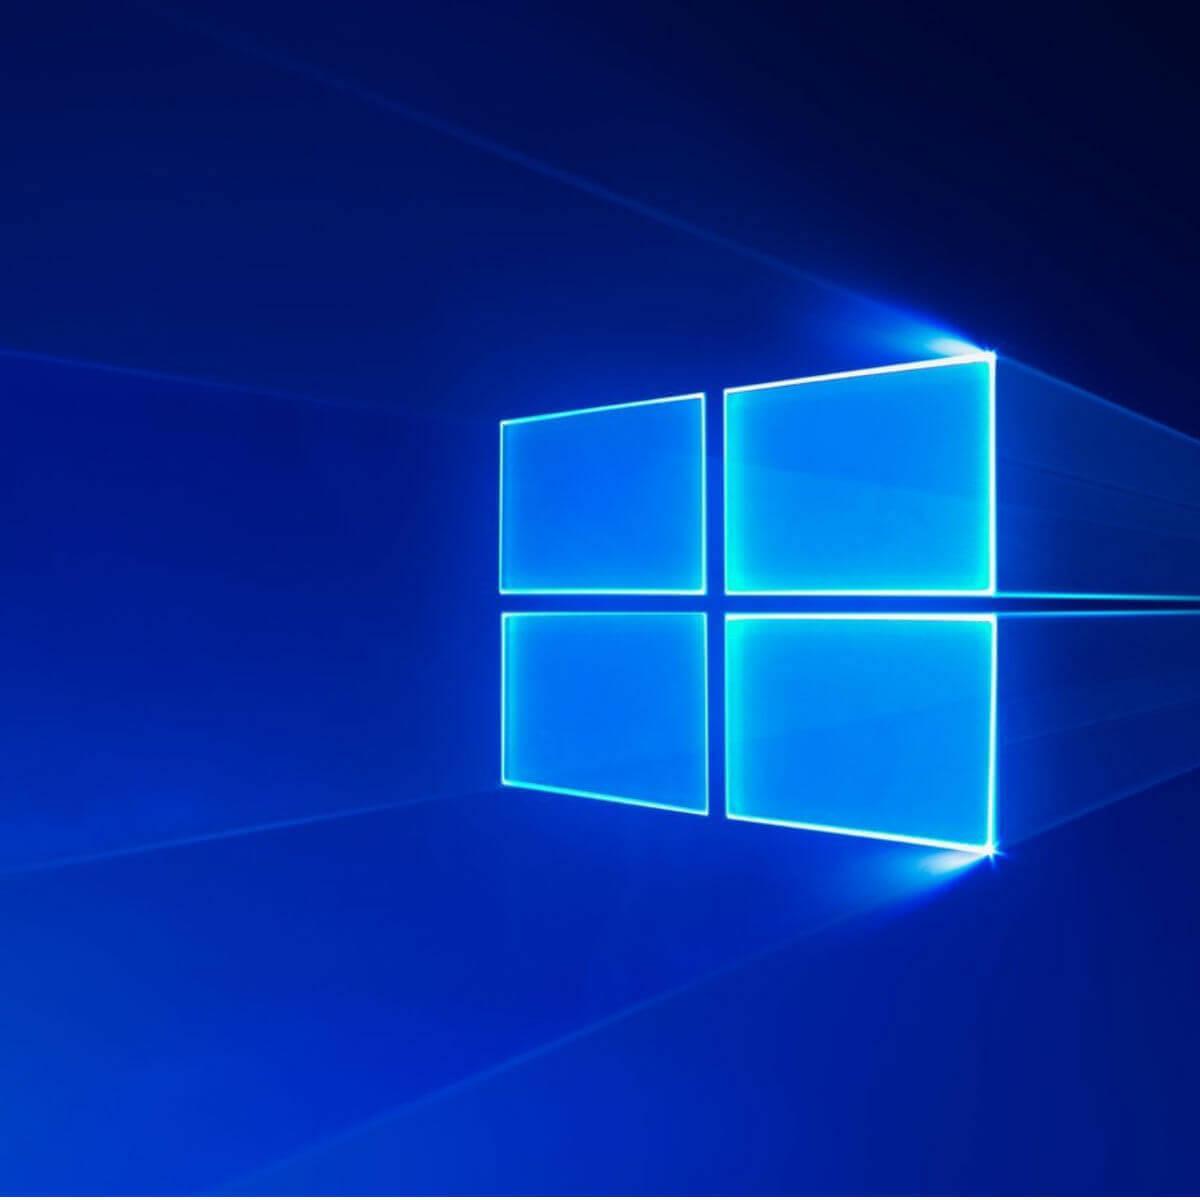 Windows Media Player no puede encontrar el archivo